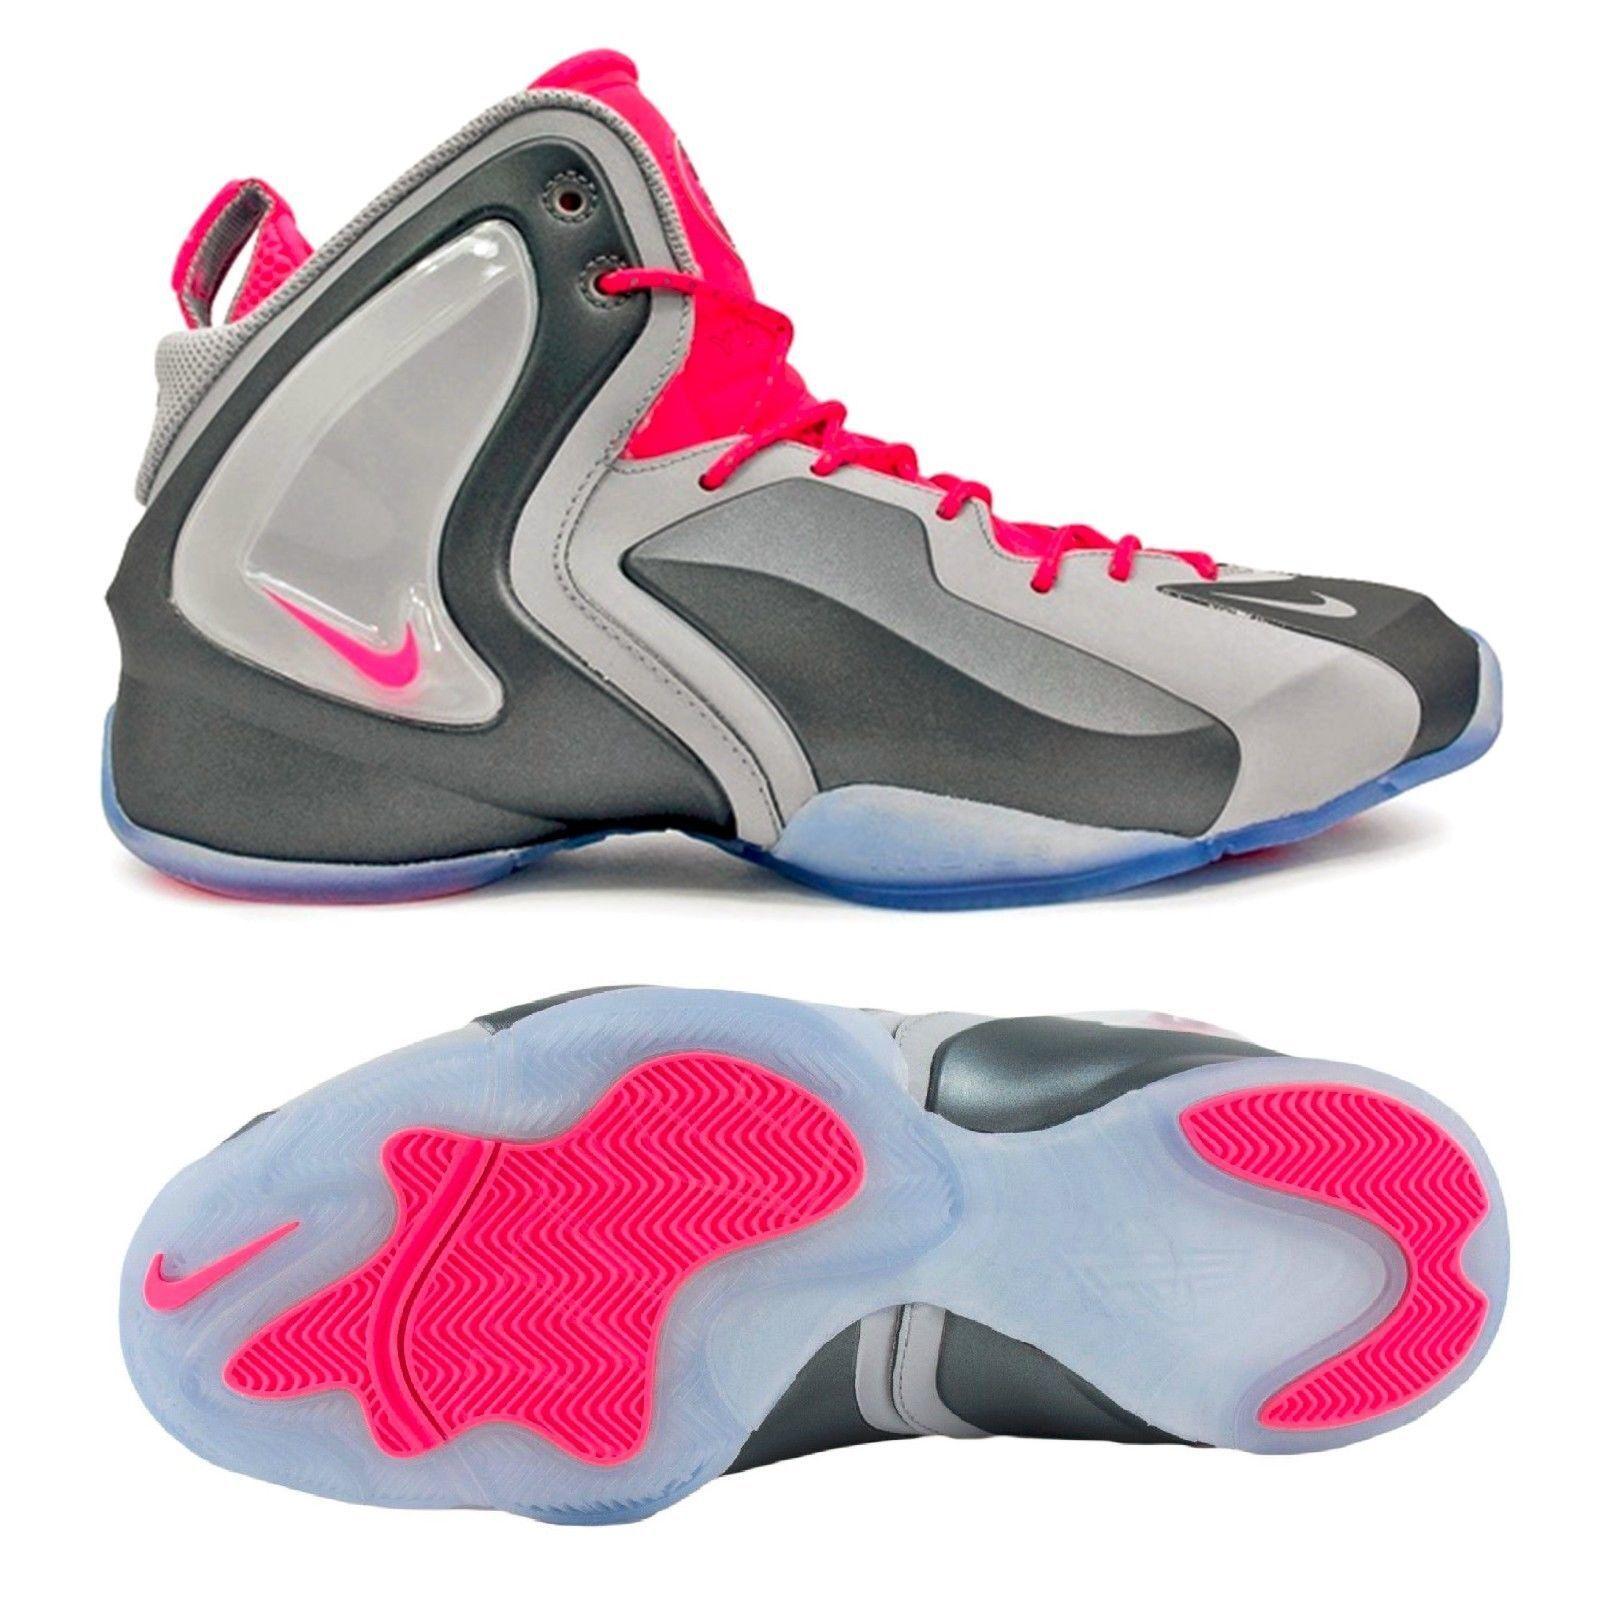 Nike Men's Lil' Penny Posite Wolf Grey Hyper Pink sz 11 [630999-001] foamposite